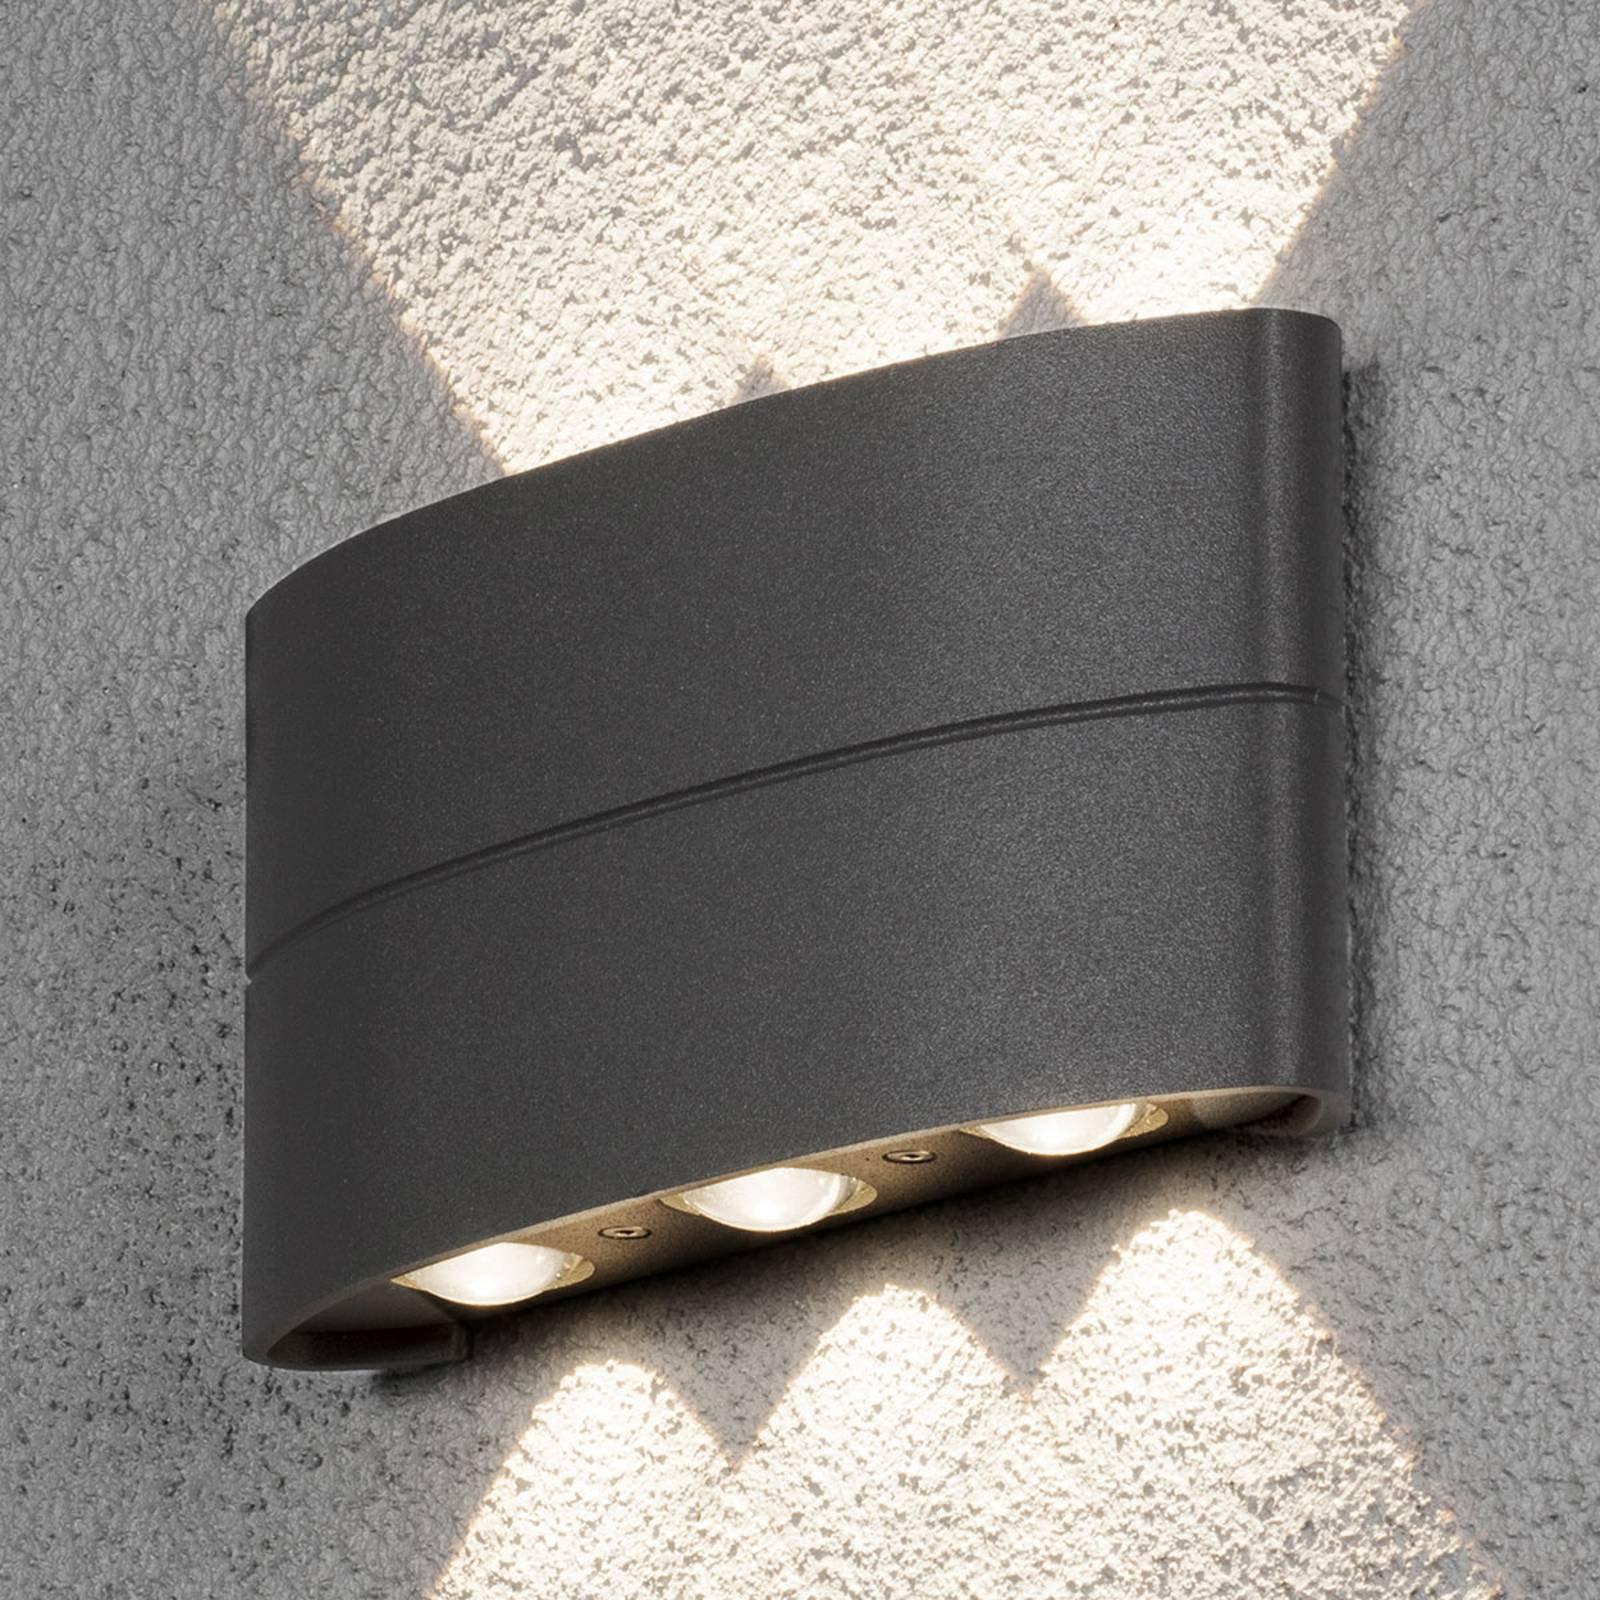 Utendørs LED-vegglampe, antrasitt, 6 lyskilder